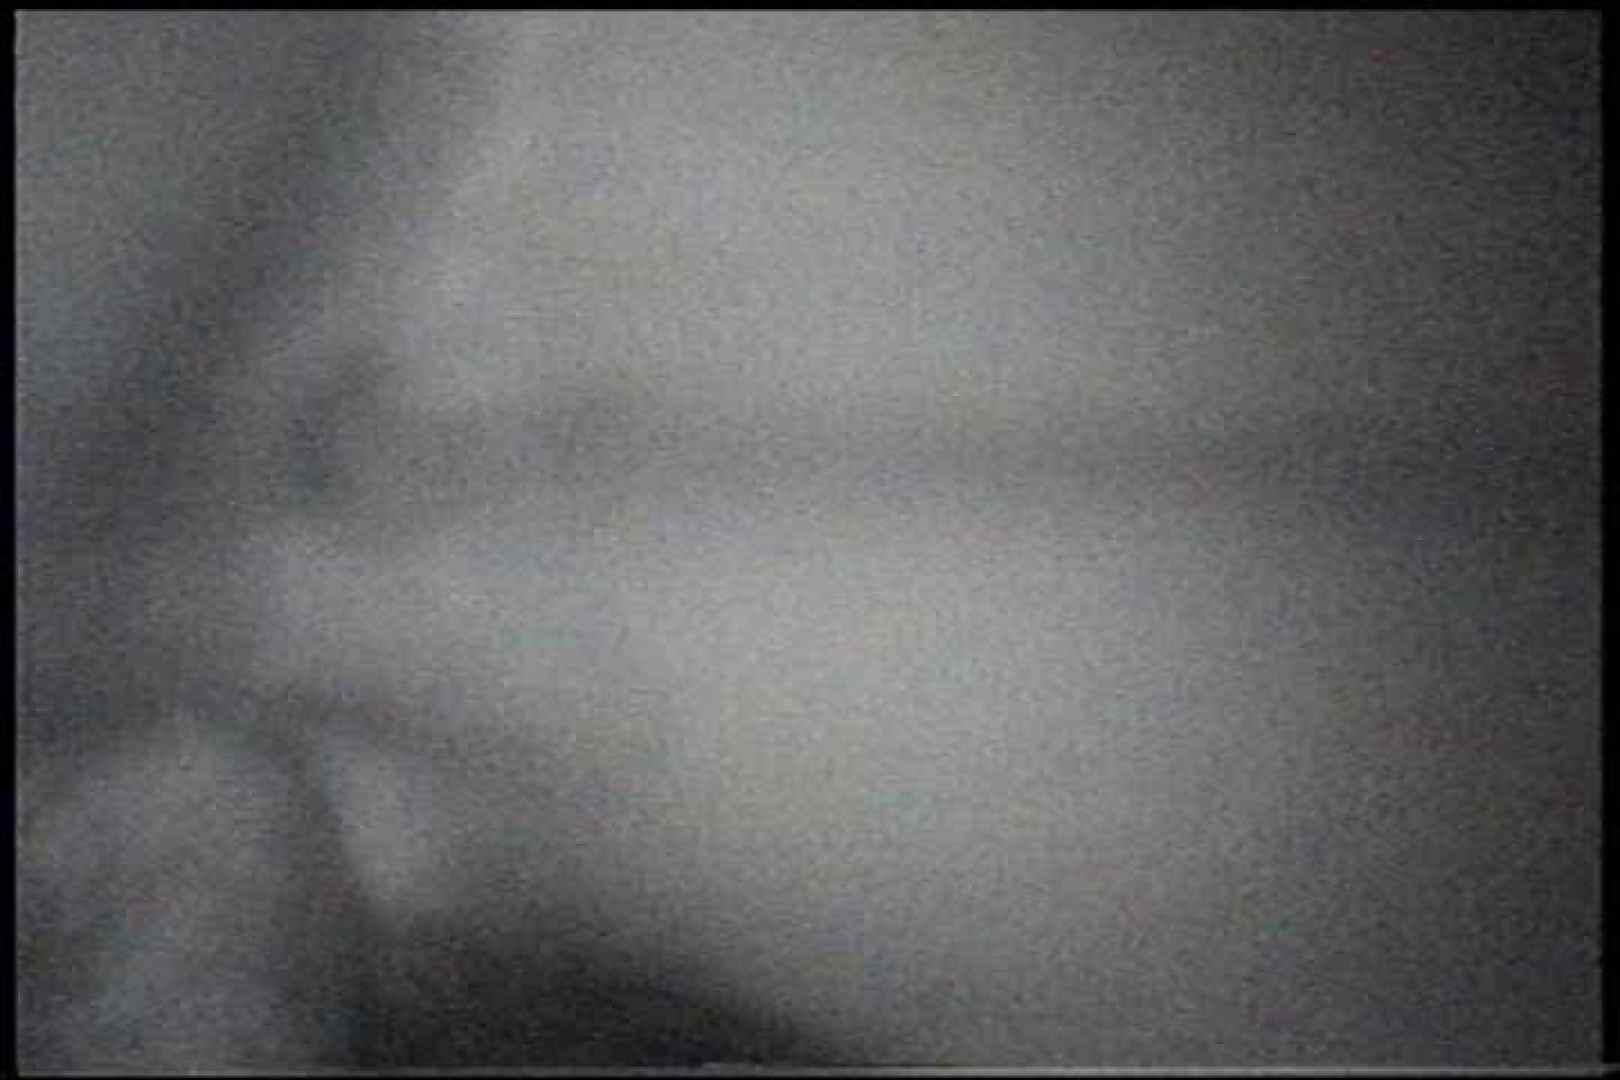 充血監督の深夜の運動会Vol.238 OLセックス | プライベート  60画像 15